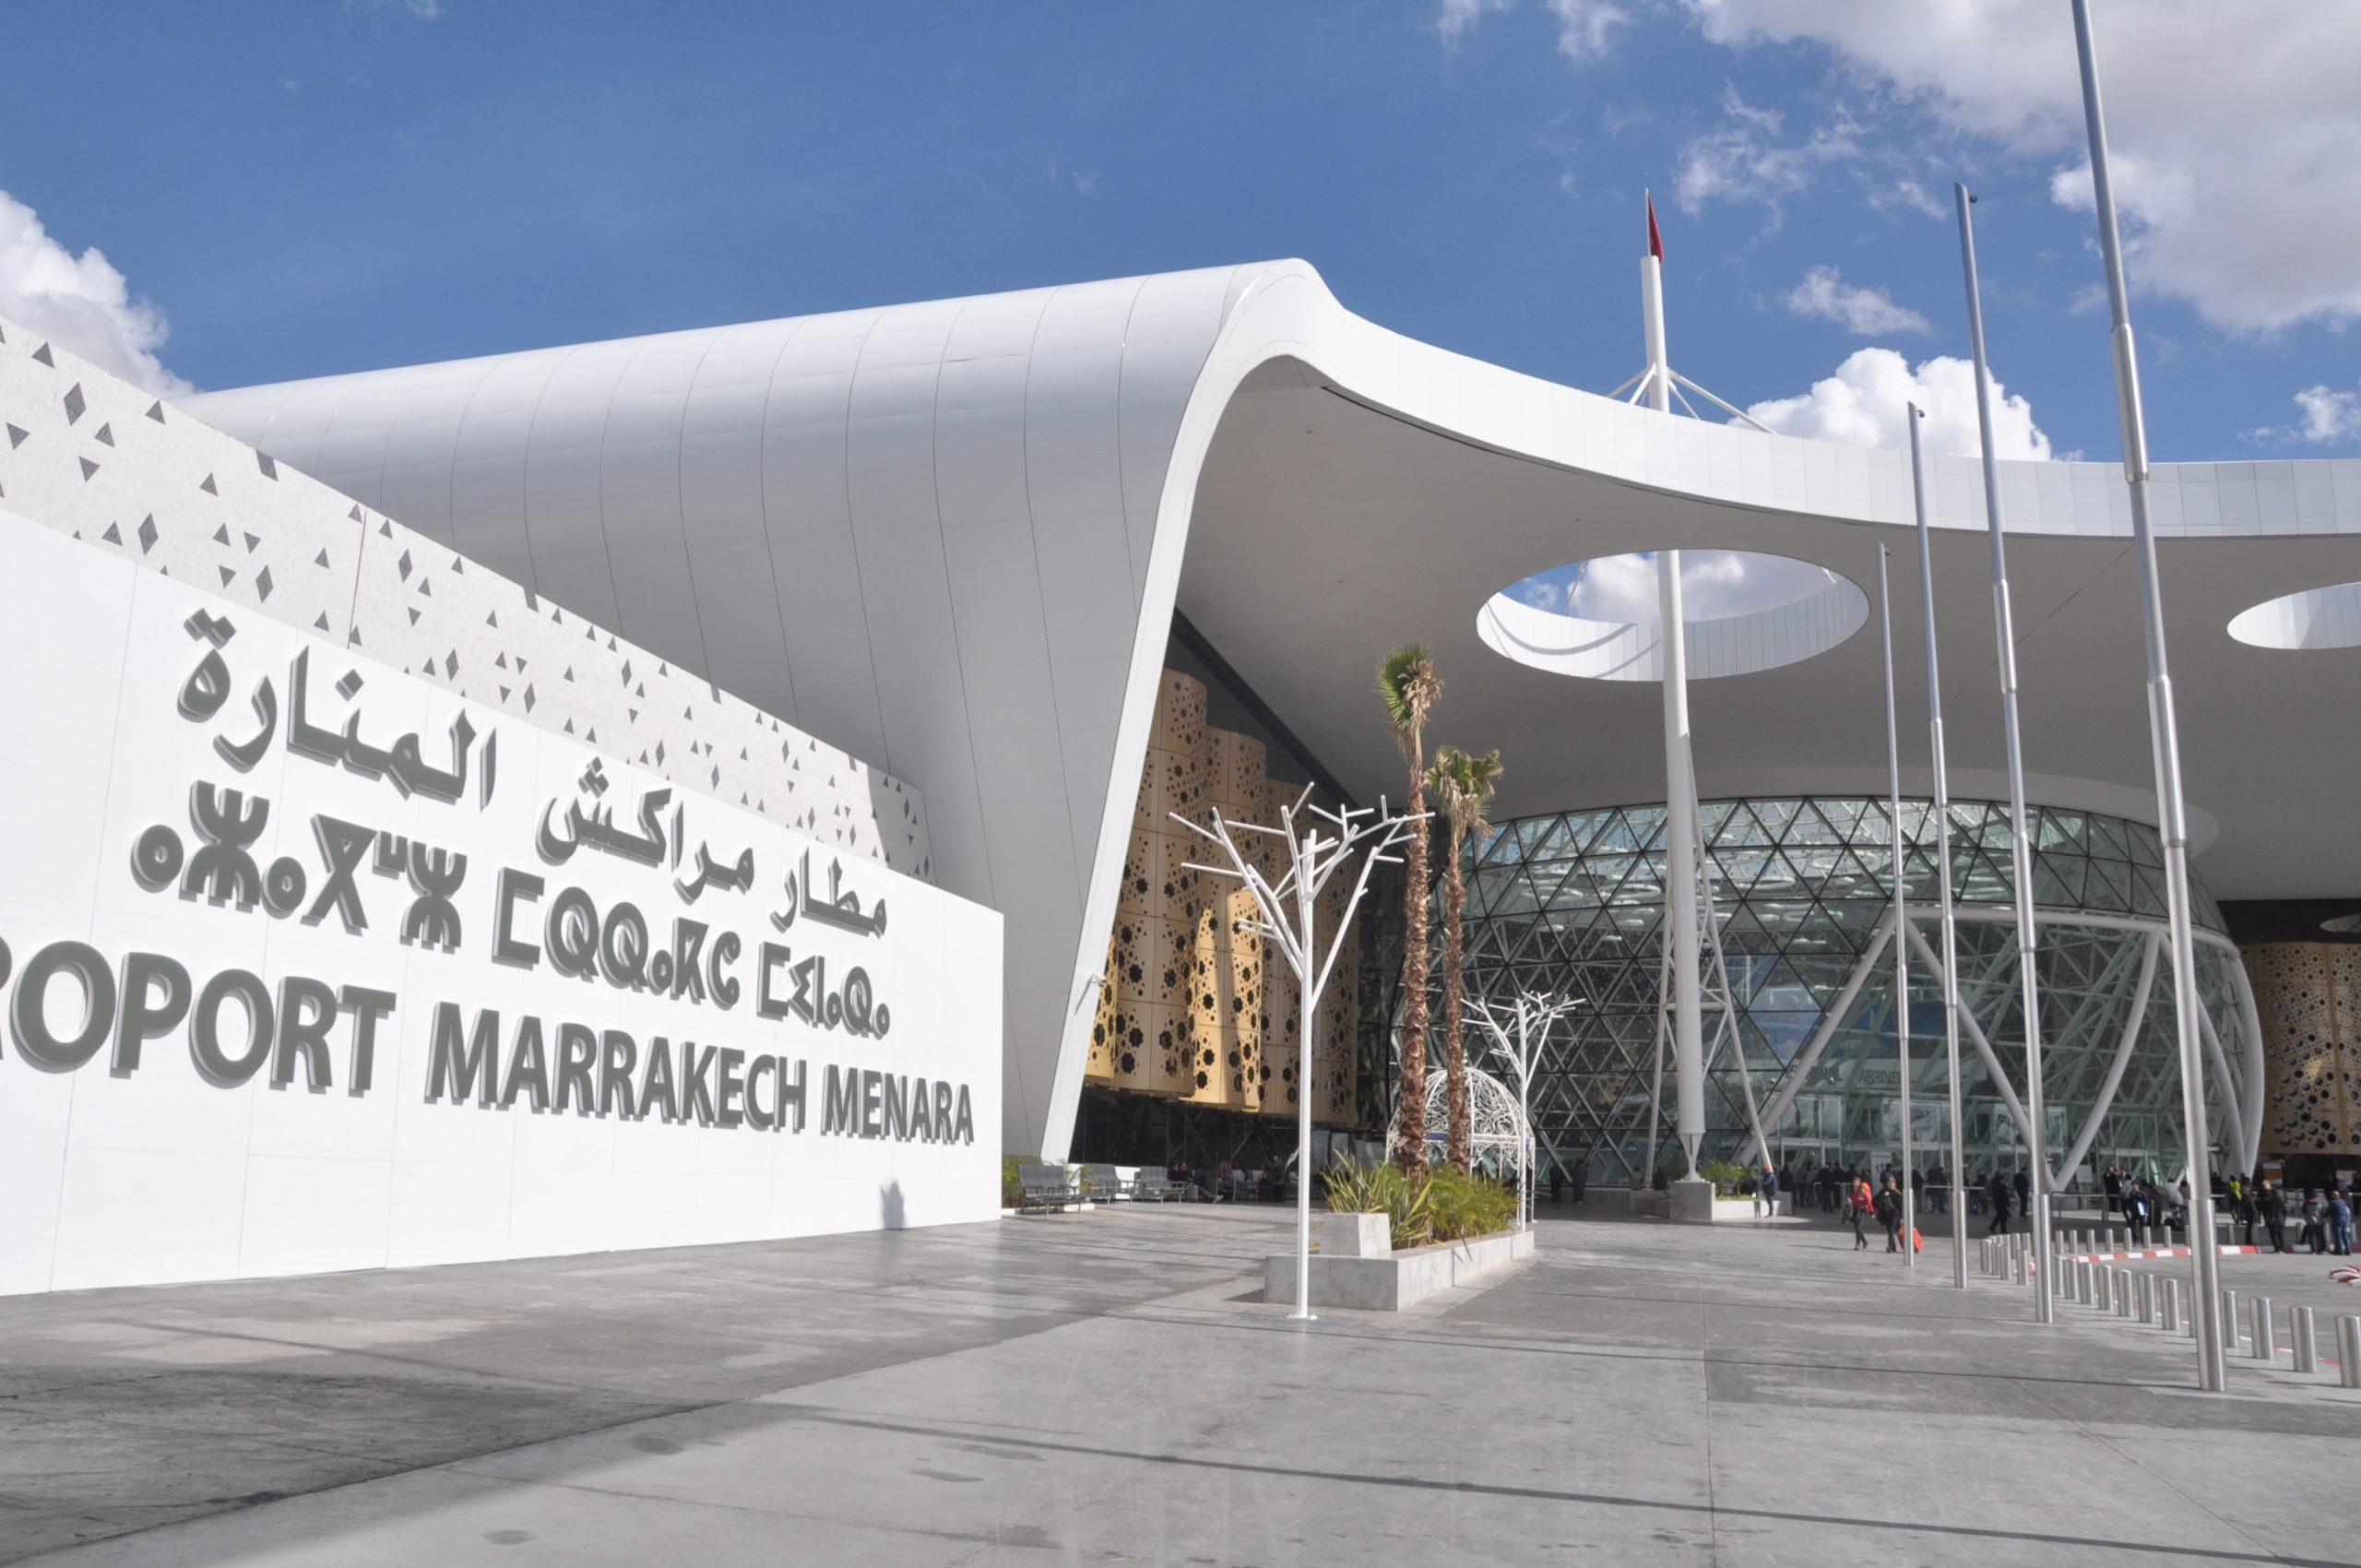 مراكش: بمطار -المنارة سيدة تحاول إضرام النار عمدا في نفسها